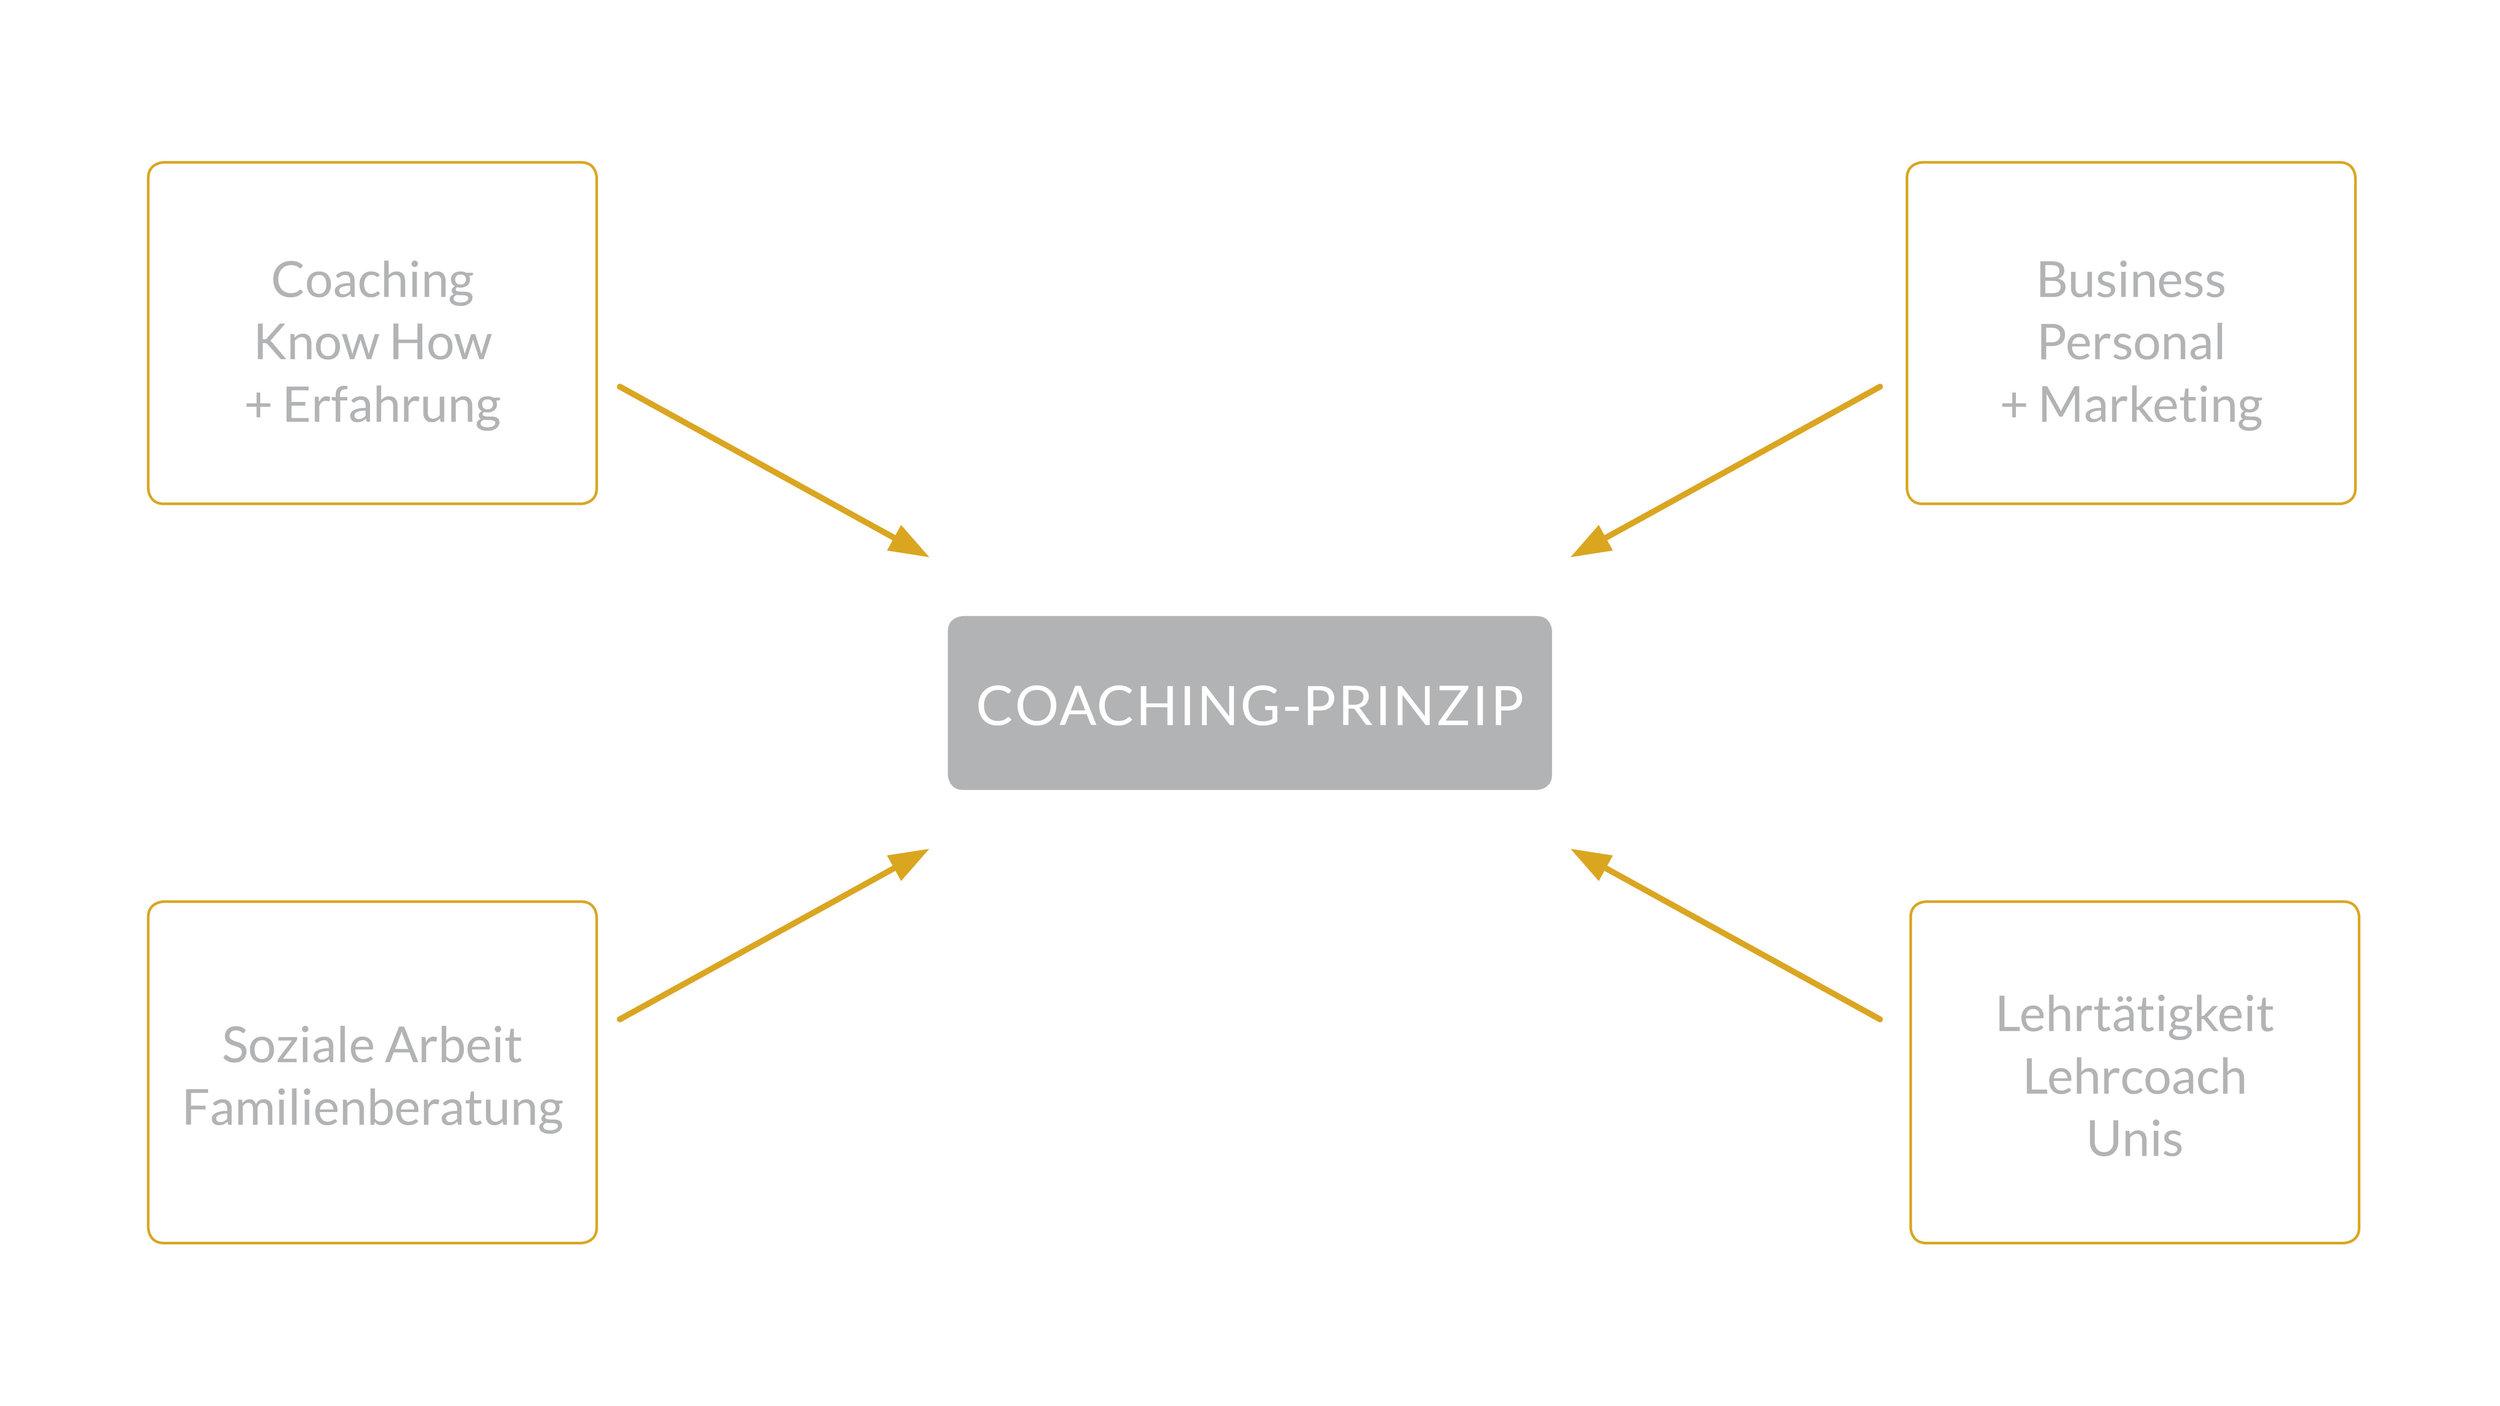 Schaubild-Coaching-Prinzip-für-Persönlichkeitsentwicklung-und-Business-Coaching